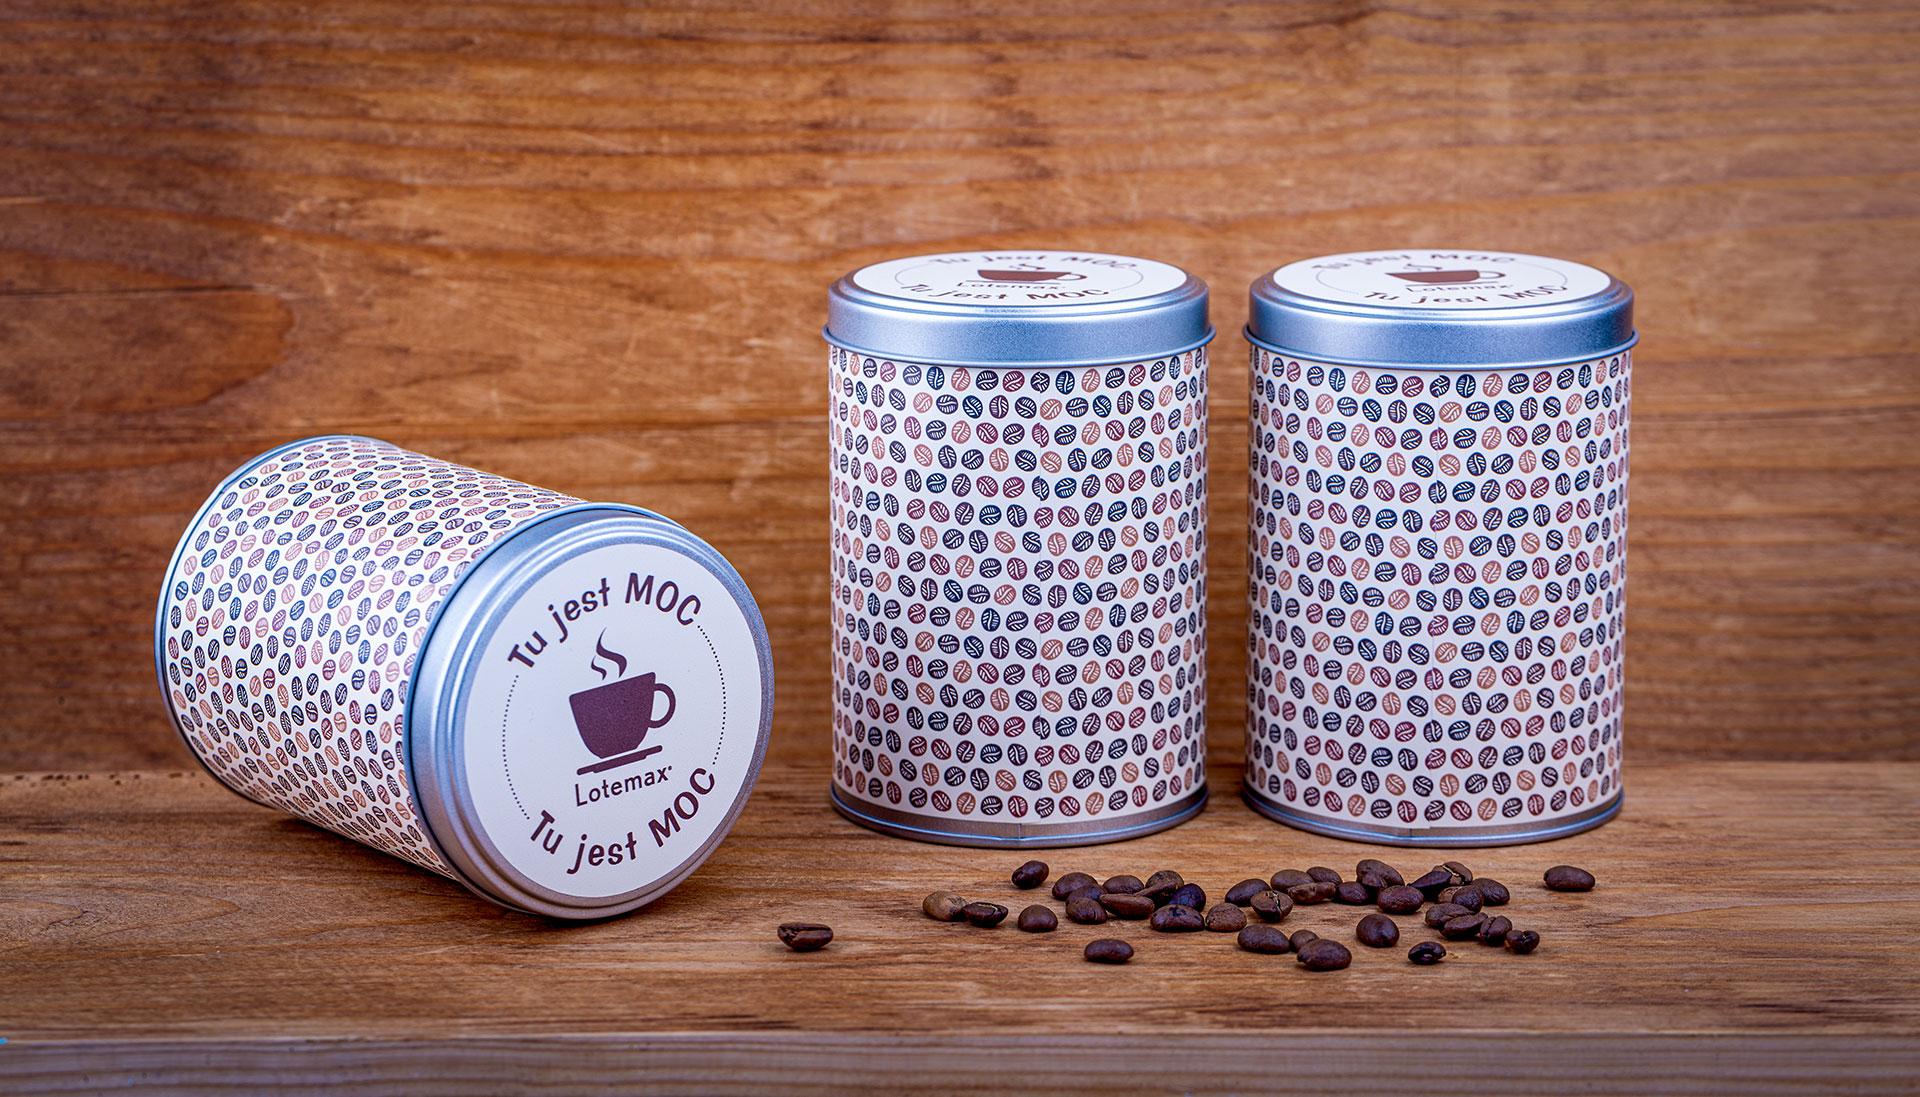 puszka Coffee